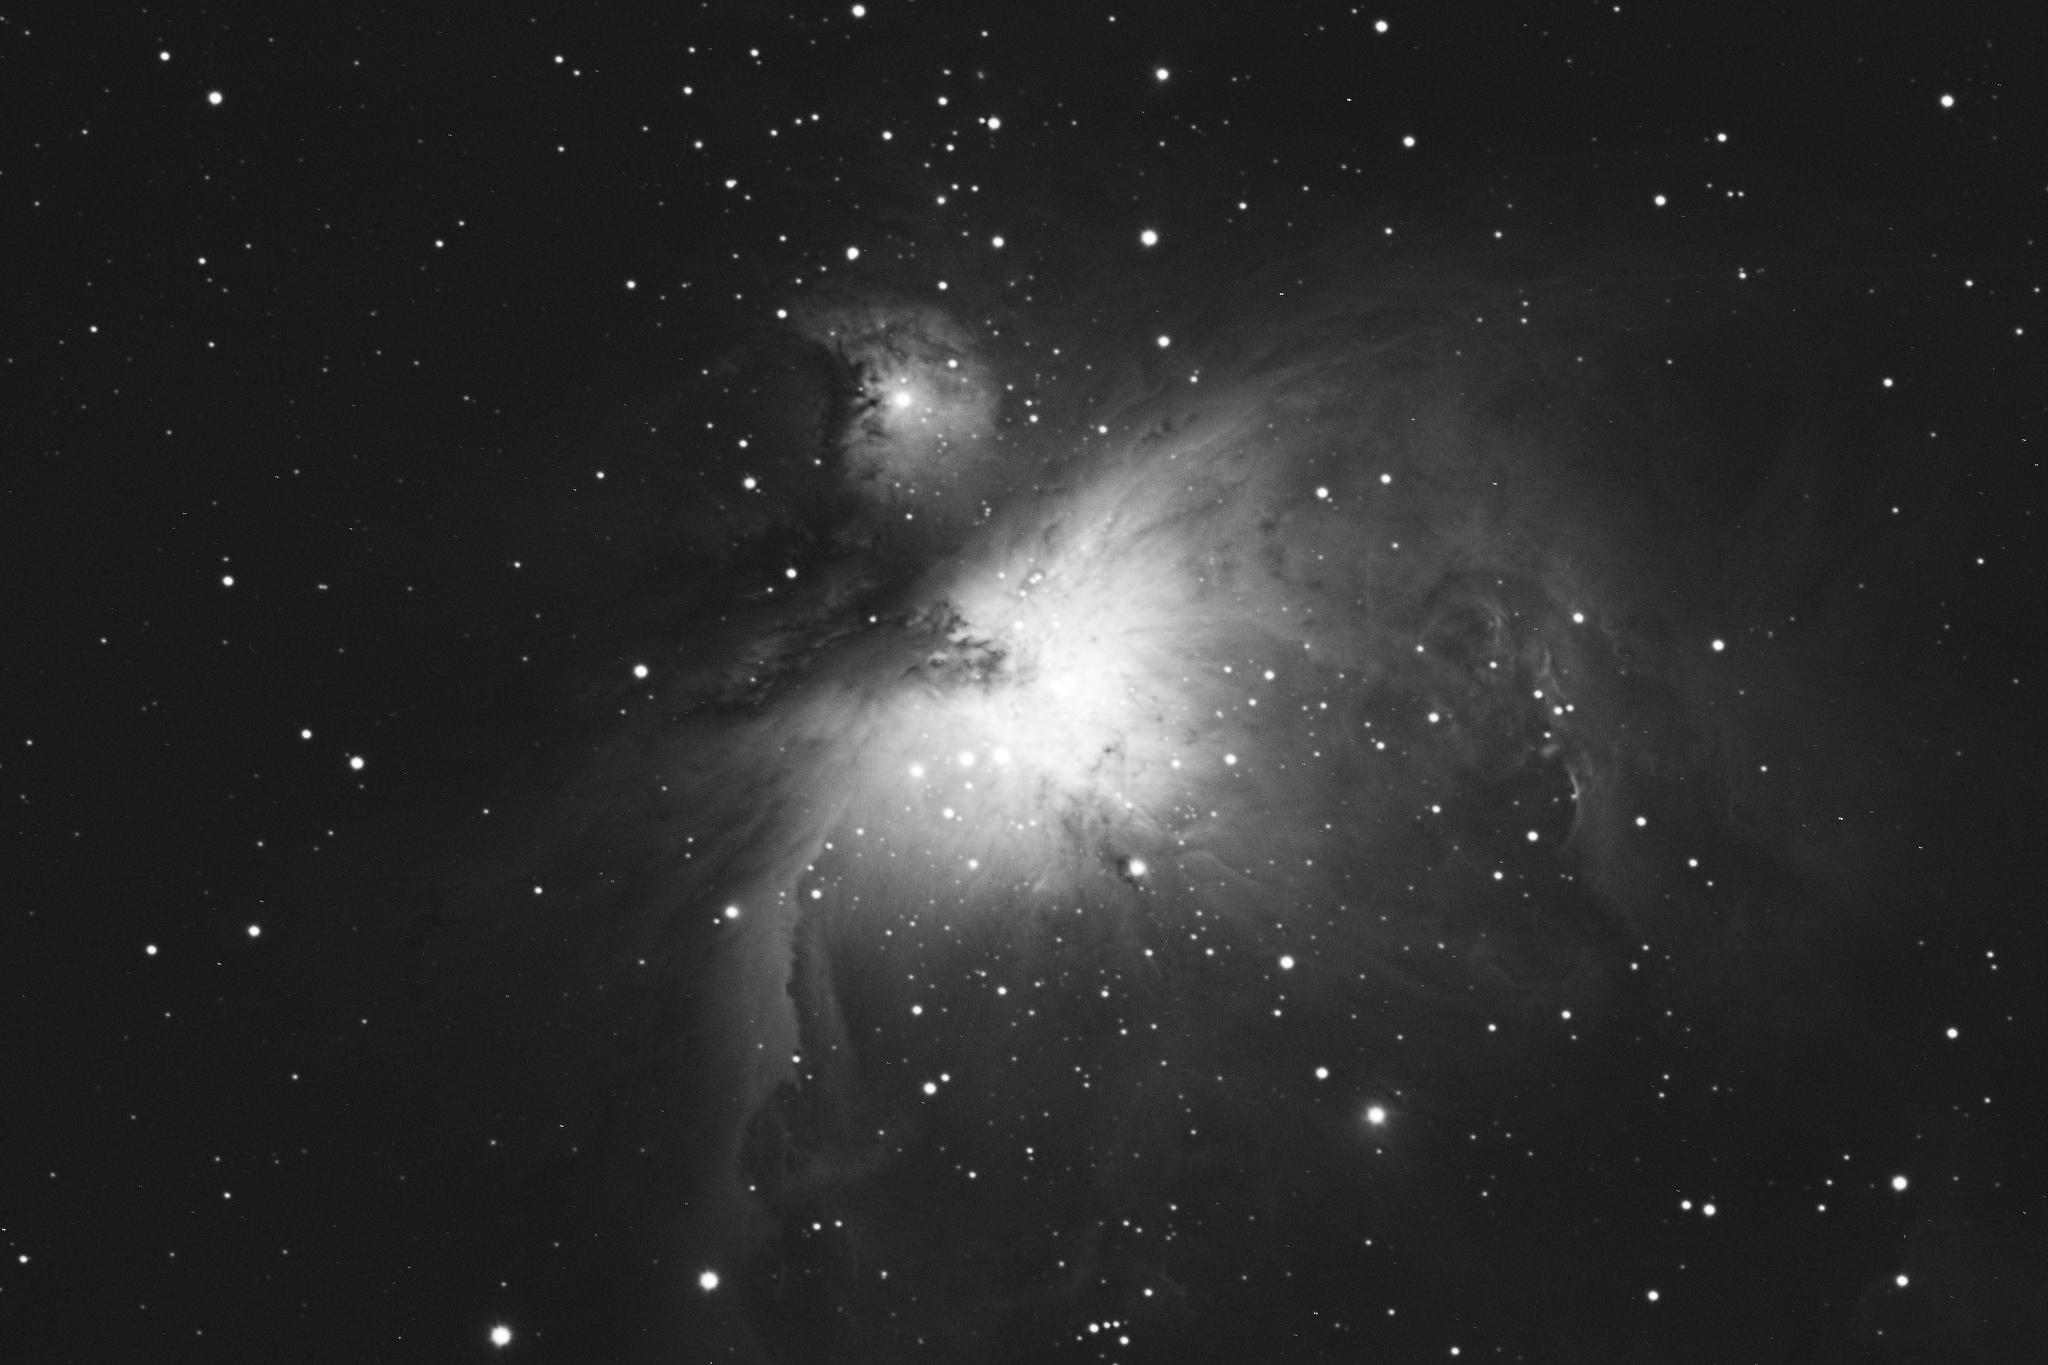 M42 aufgenommen mit einem Takahashi TOA-150 Refraktor und einer Finger Lake Instrumentation FLI-ML8300c CCD Kamera. Norden ist links oben, Osten links unten.